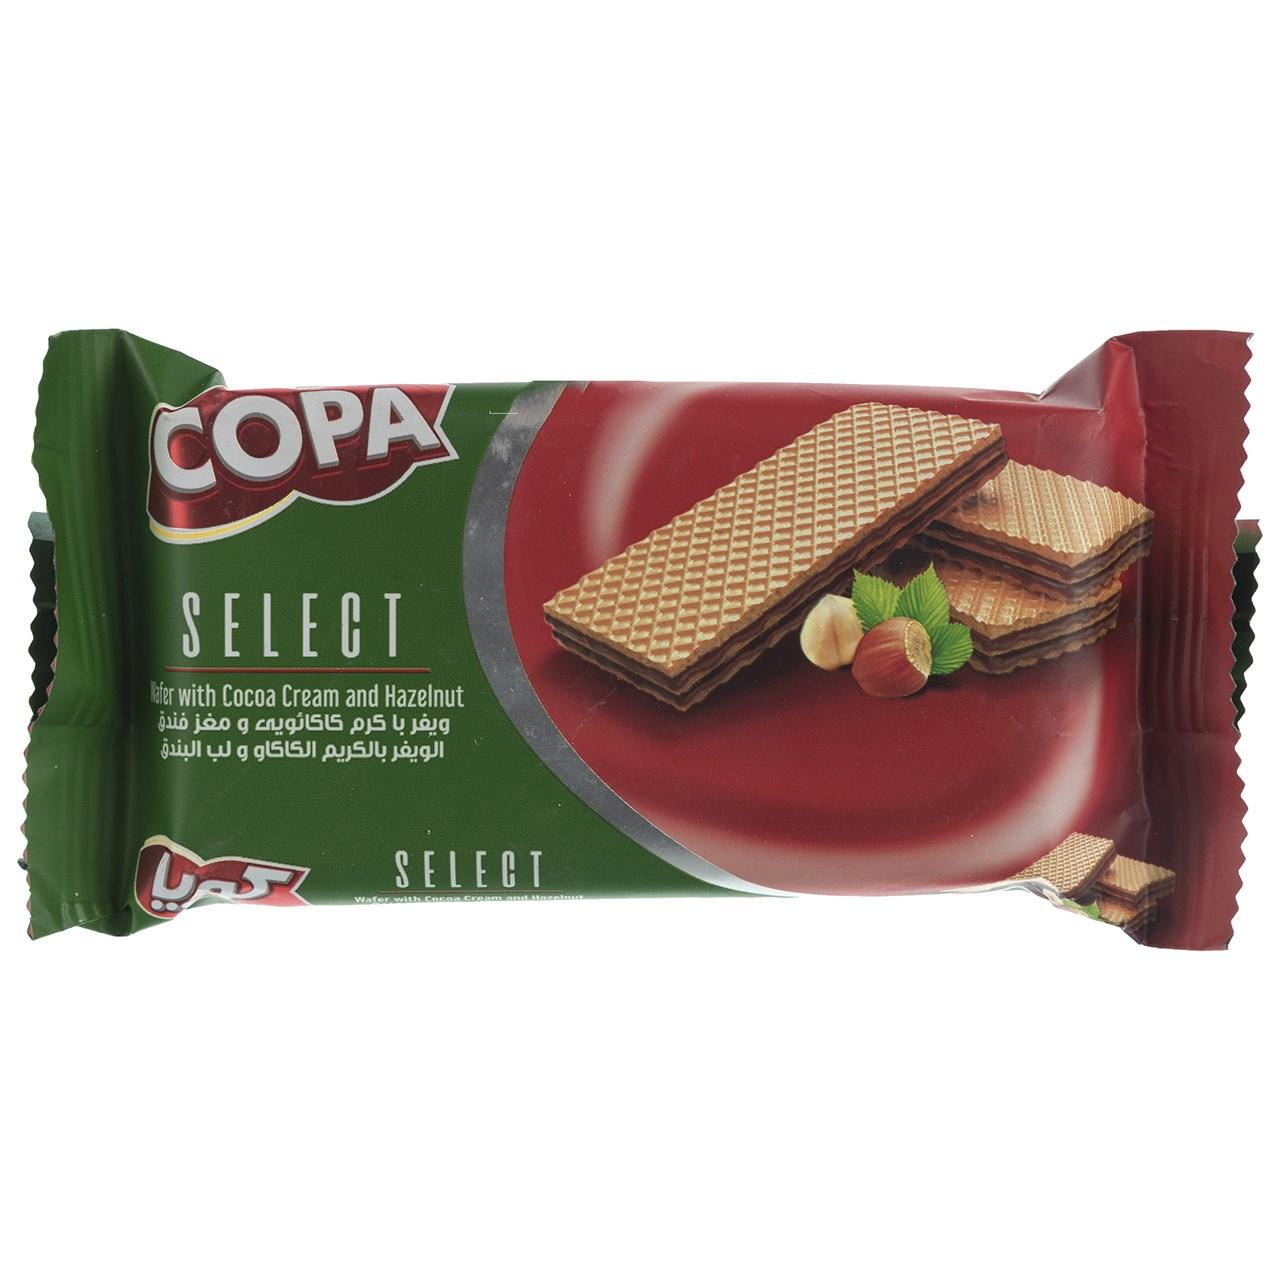 ویفر با کرم کاکائو و مغز فندق کوپا مقدار 48 گرم